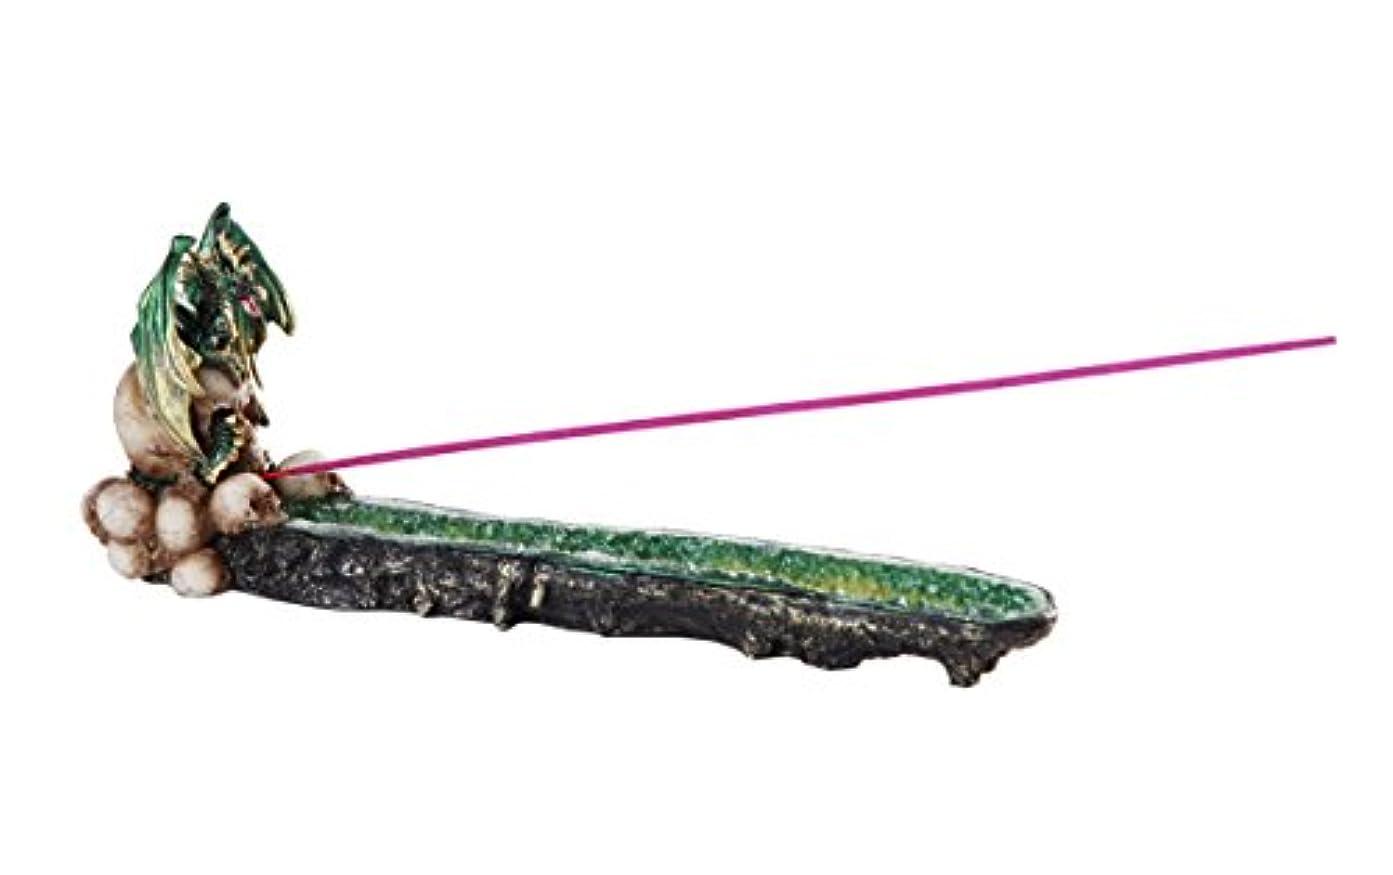 ドラッグ好意的露骨なグリーンドラゴンon Skull GemstoneクォーツStick Incense Burner中世ファンタジー10.75インチL